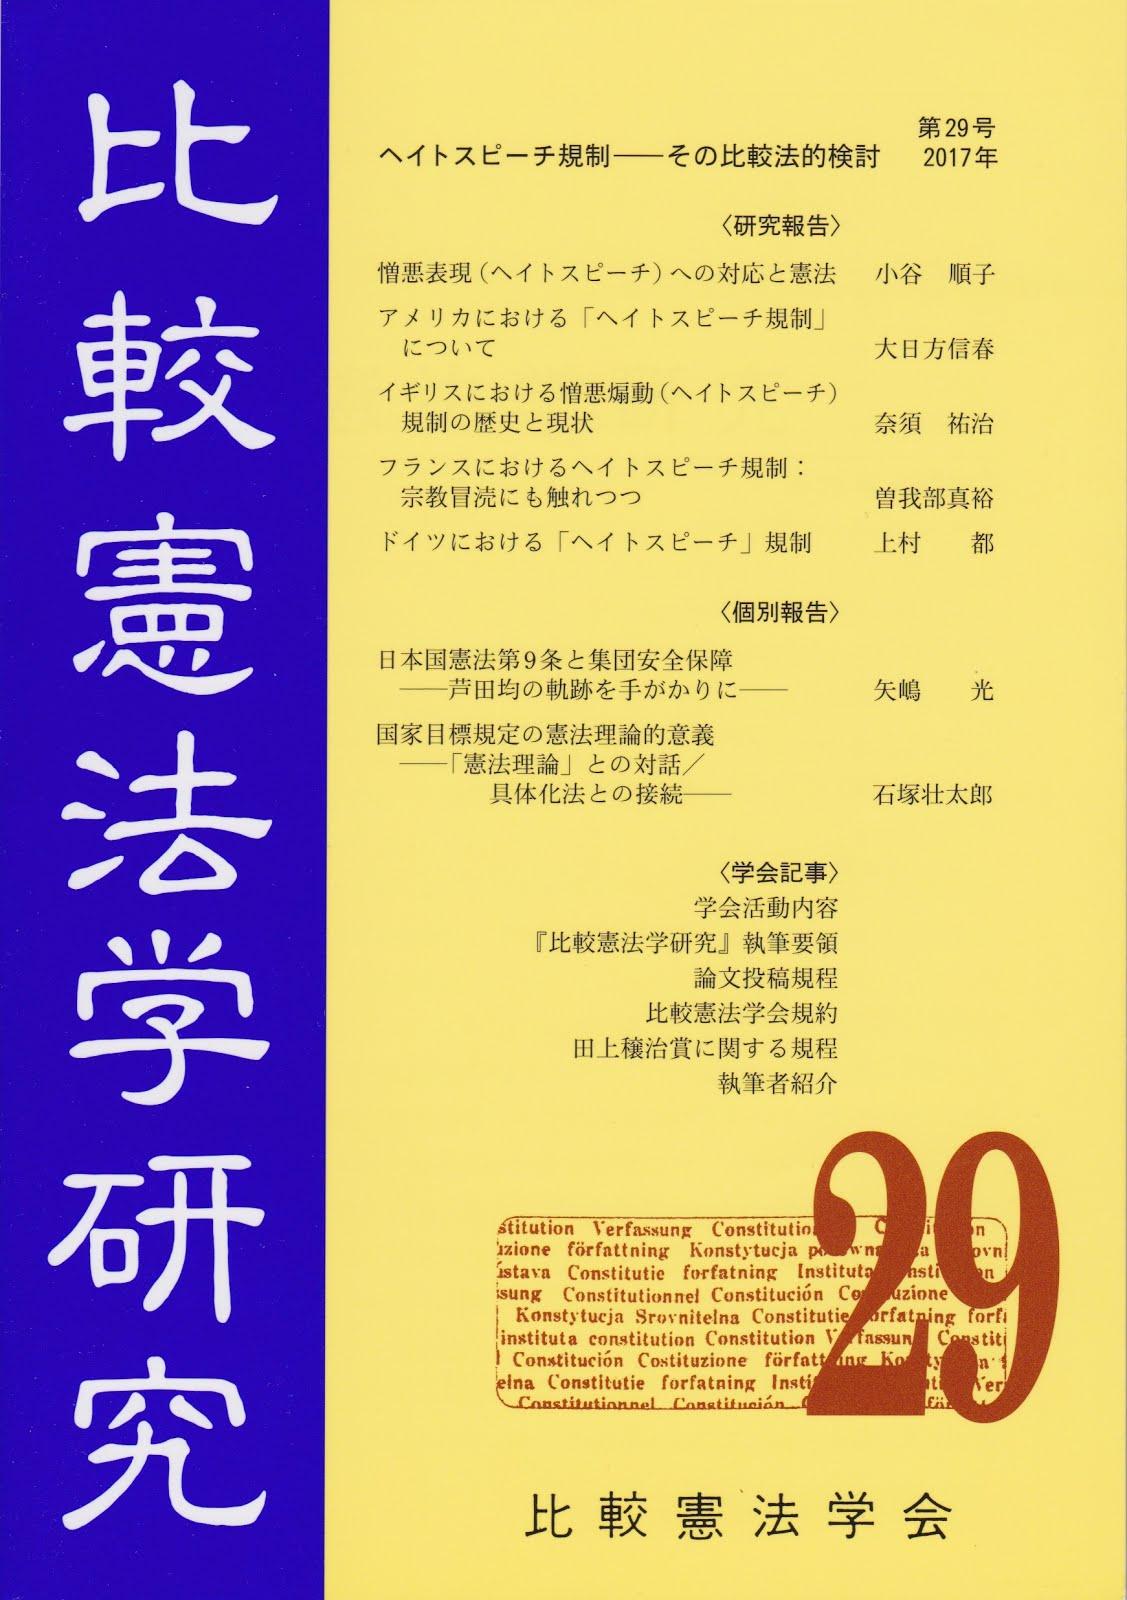 比較憲法学会公式サイト: 比較憲法学研究29号「ヘイトスピーチ規制ー ...